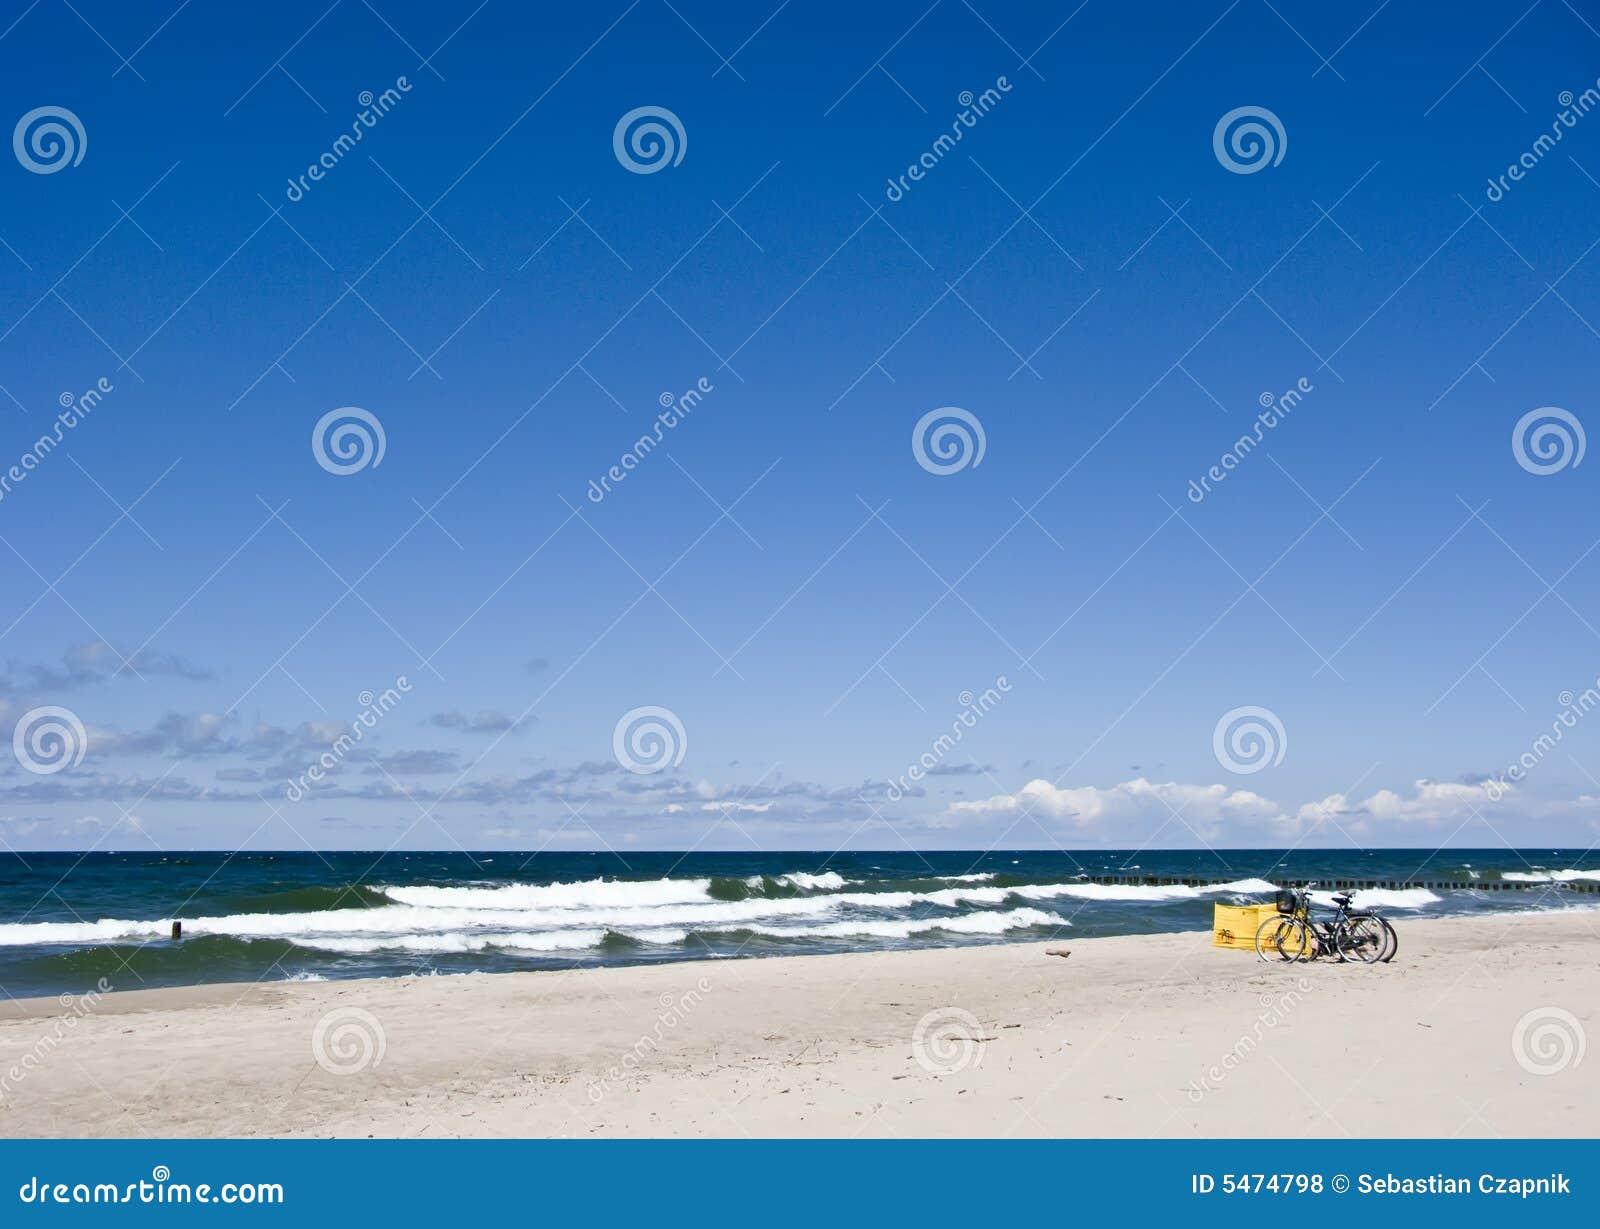 Bici sulla spiaggia